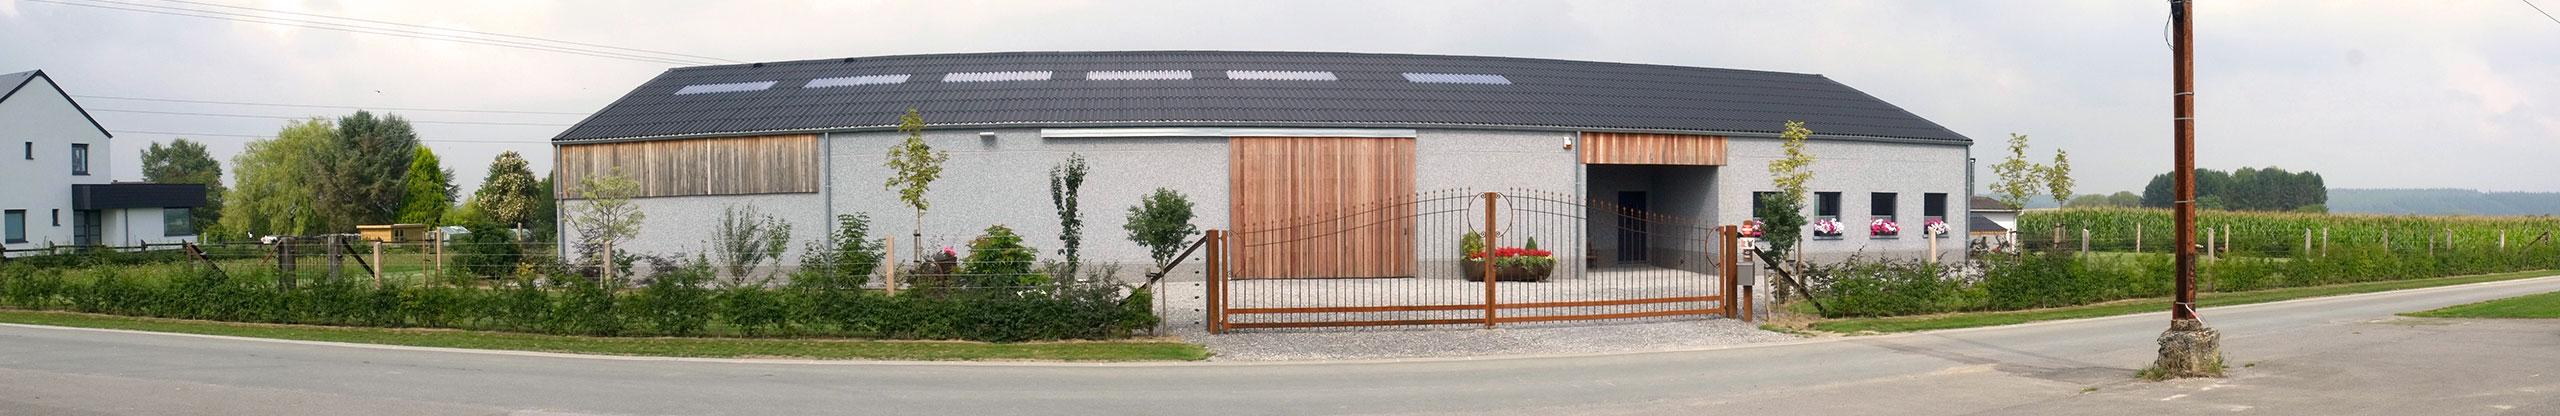 Remy jardin entreprise jardinage paysagiste jardinier for Entreprise jardinage